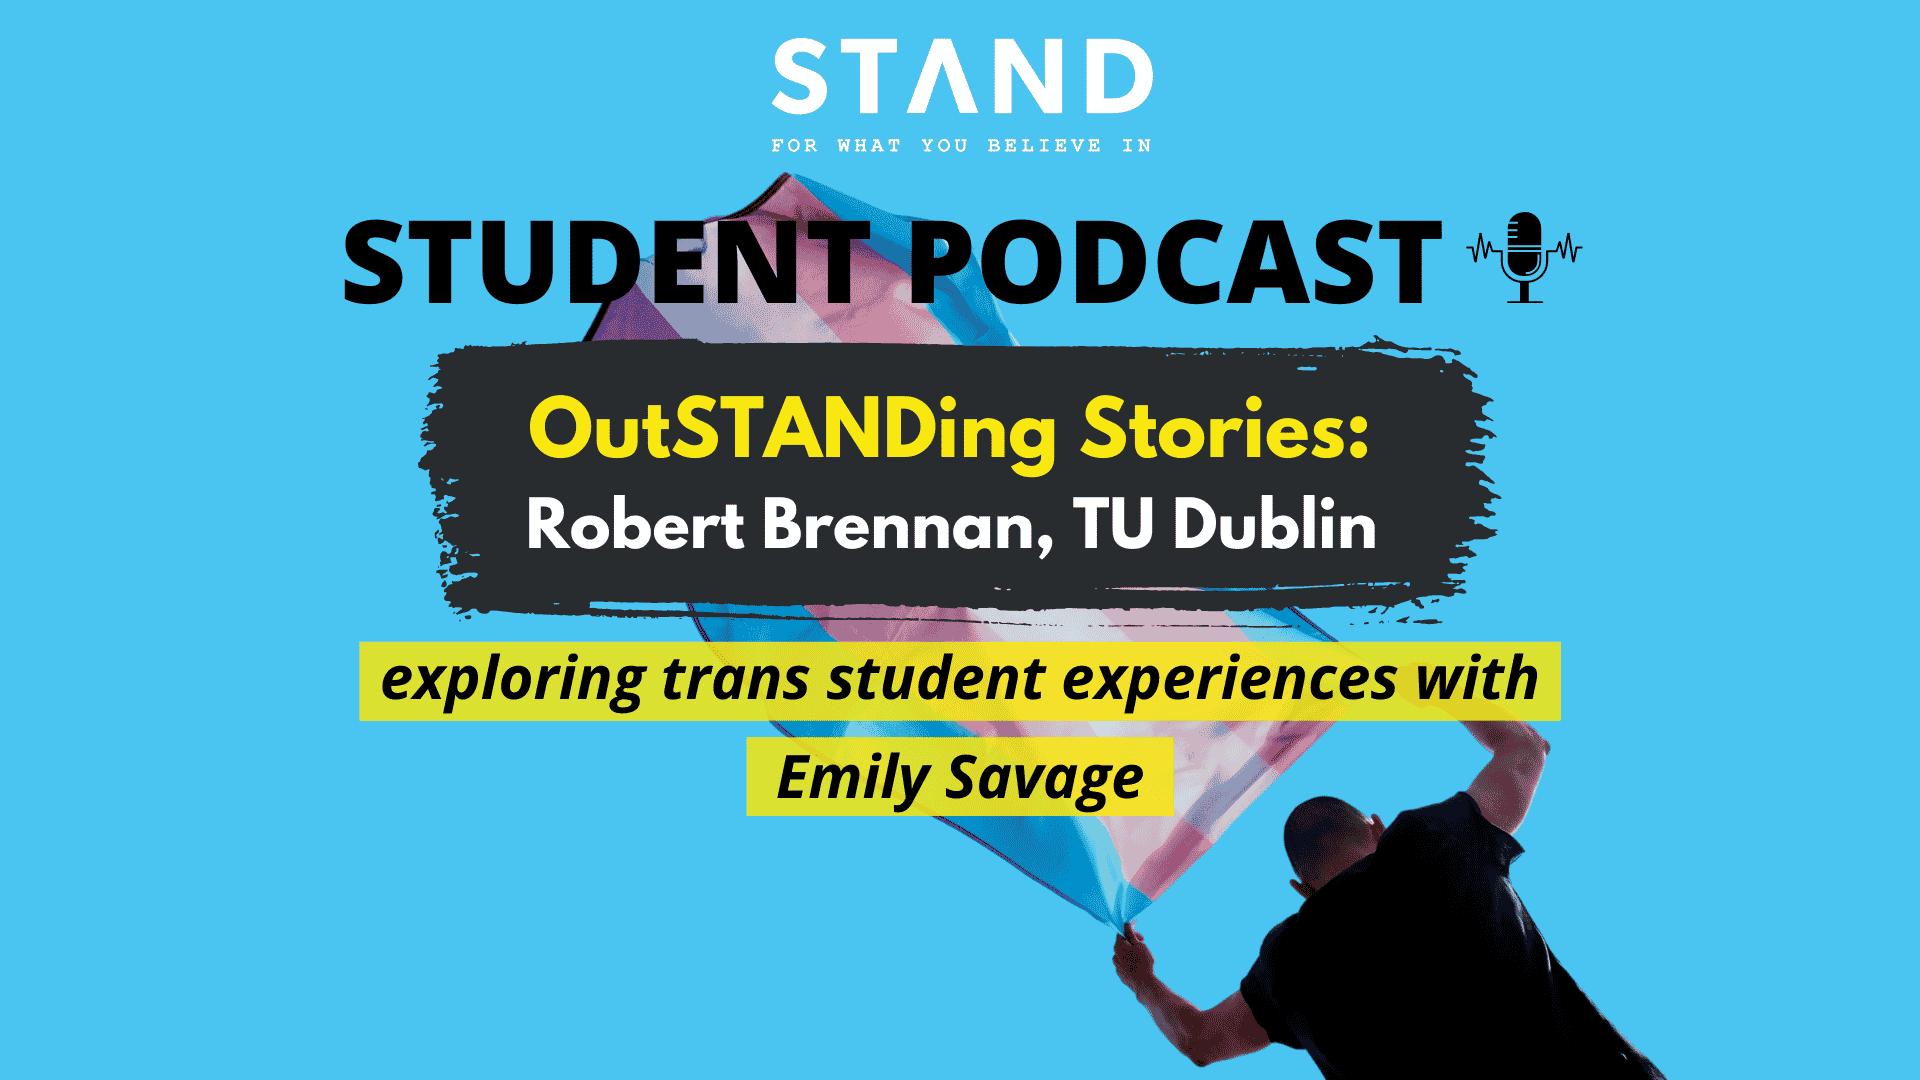 OutSTANDing Stories Episode 2